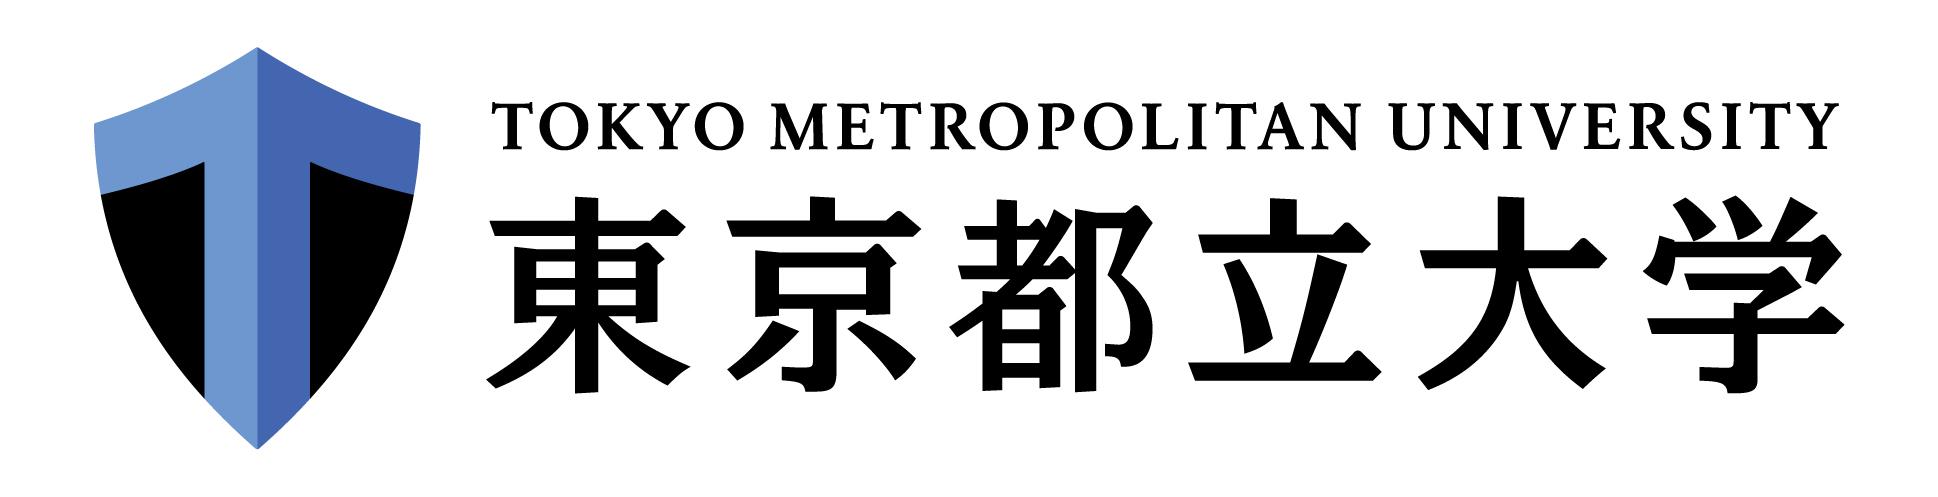 東京都立大学が、産学連携プラットフォームに参加しました